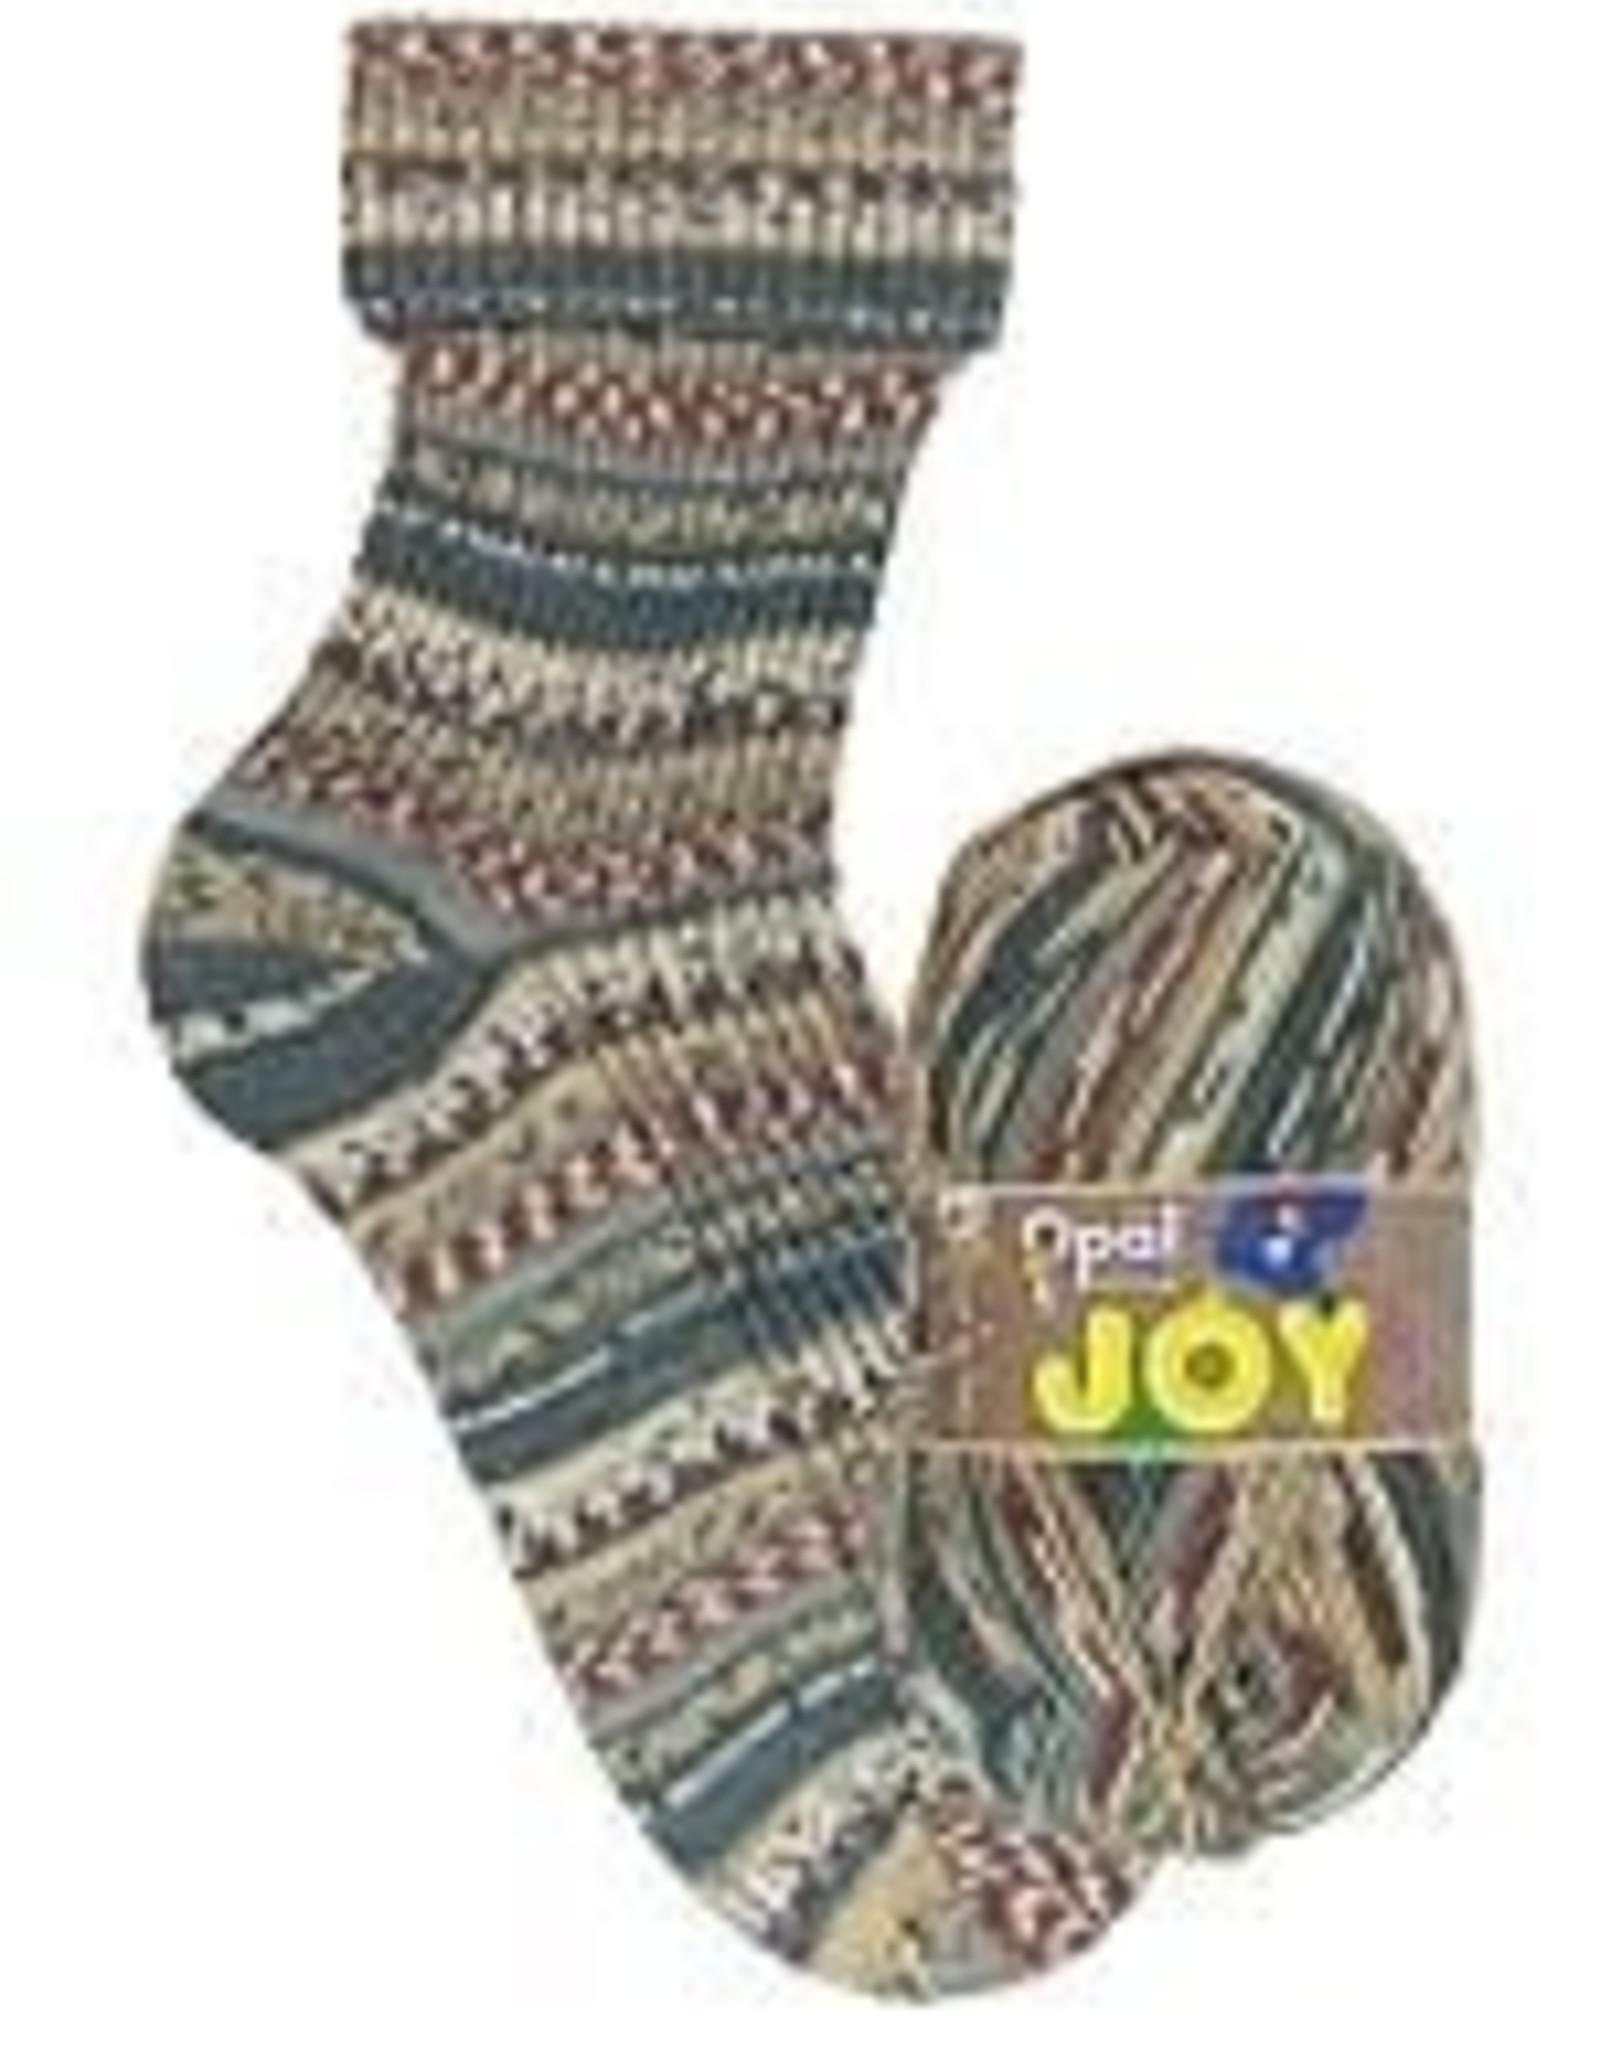 Opal - Joy 9982